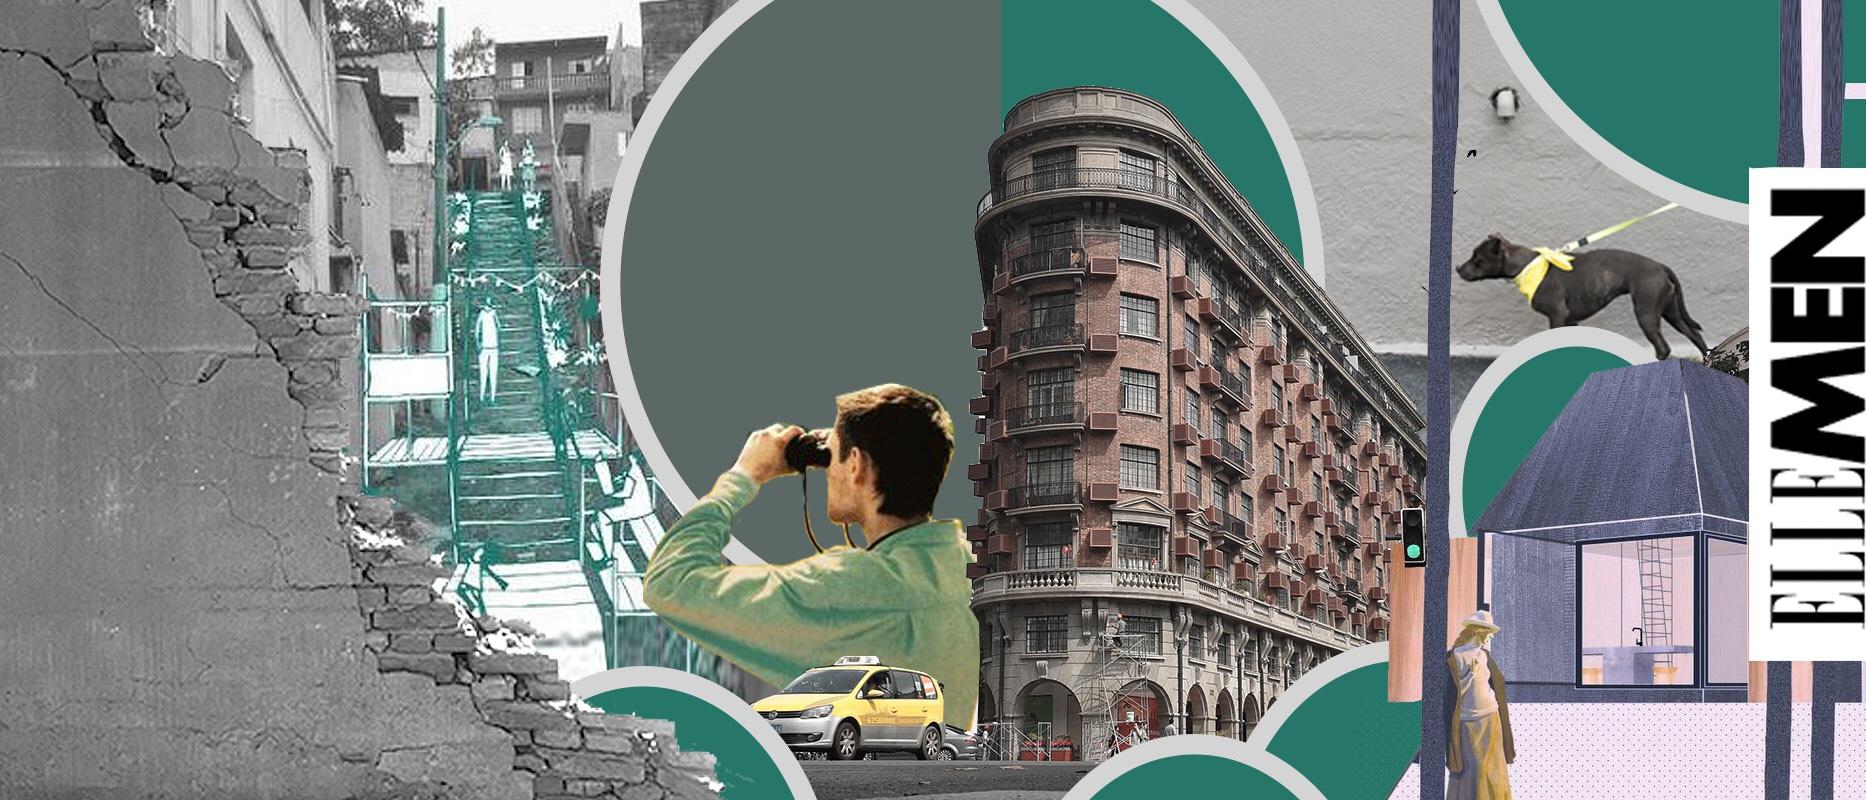 上海第一网红马路上的租房鄙视链